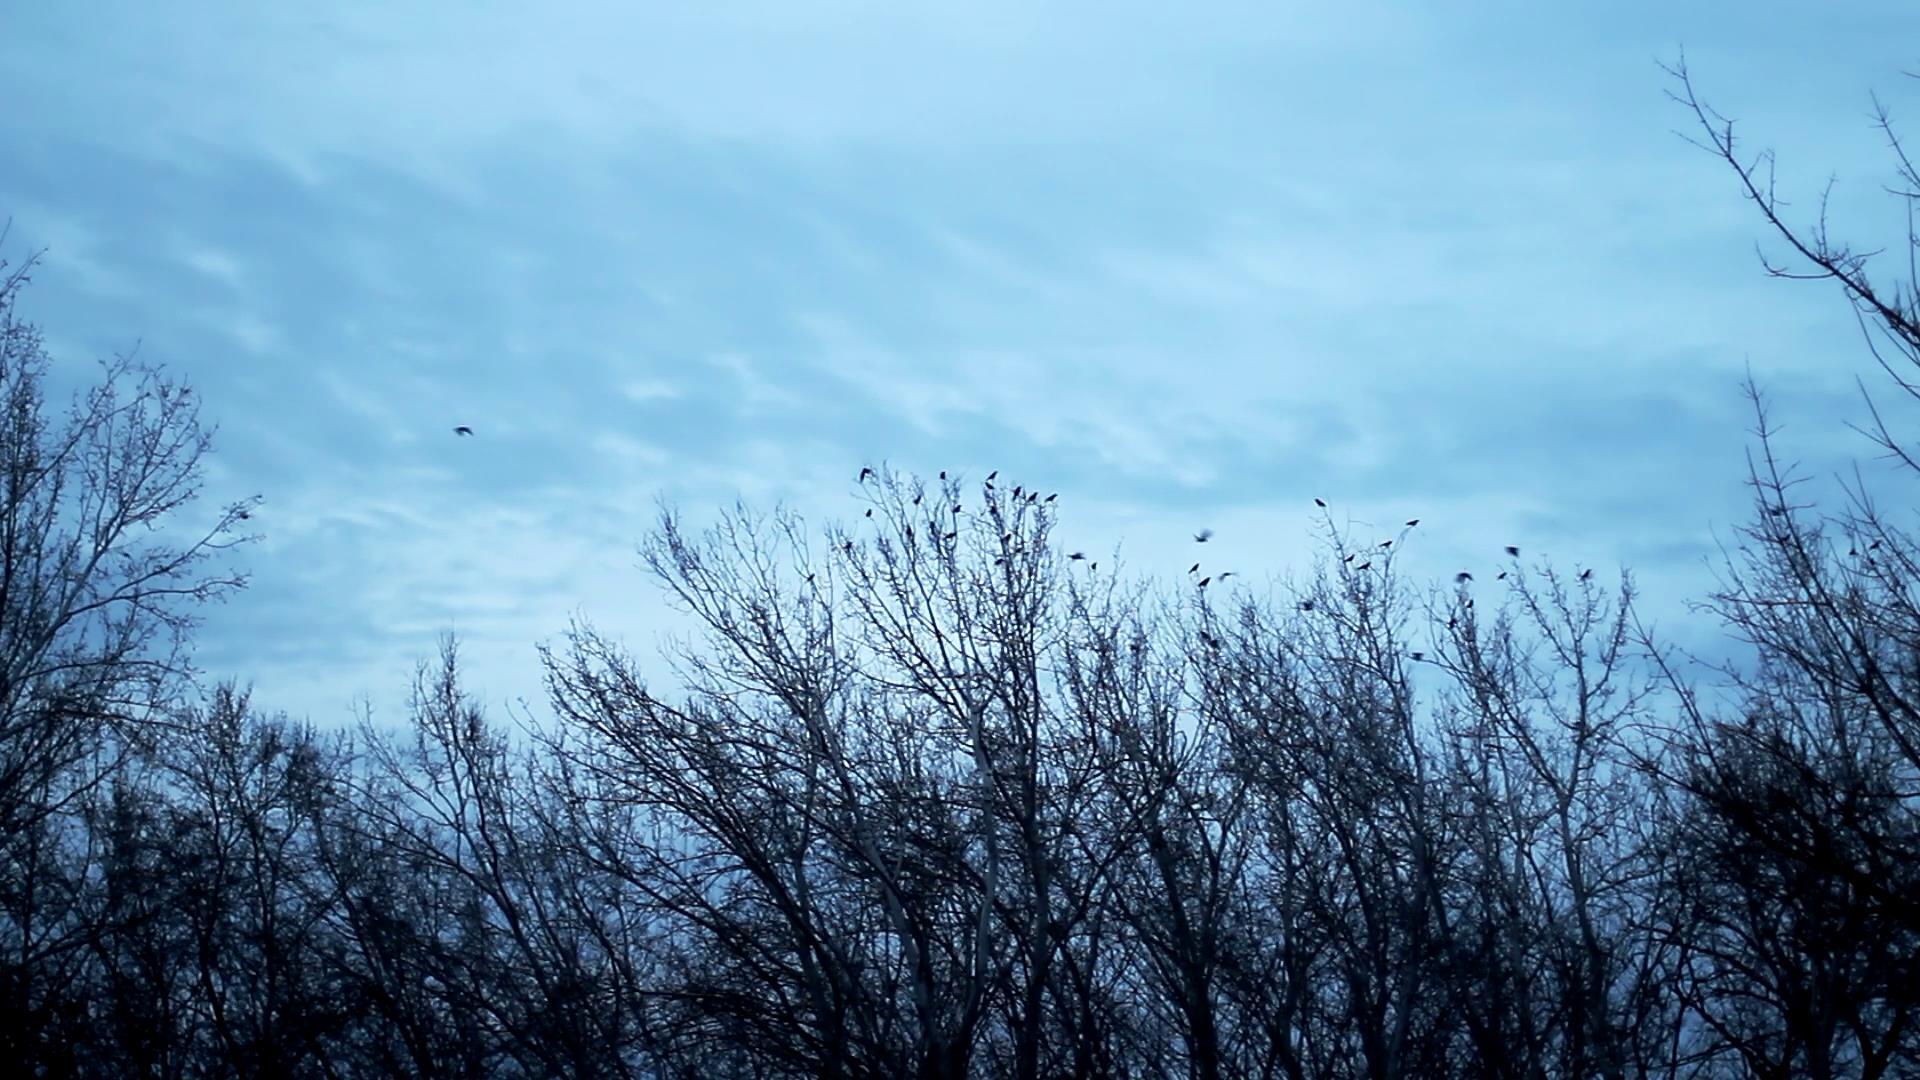 阴天蓝天树梢上鸟群飞散高清实拍